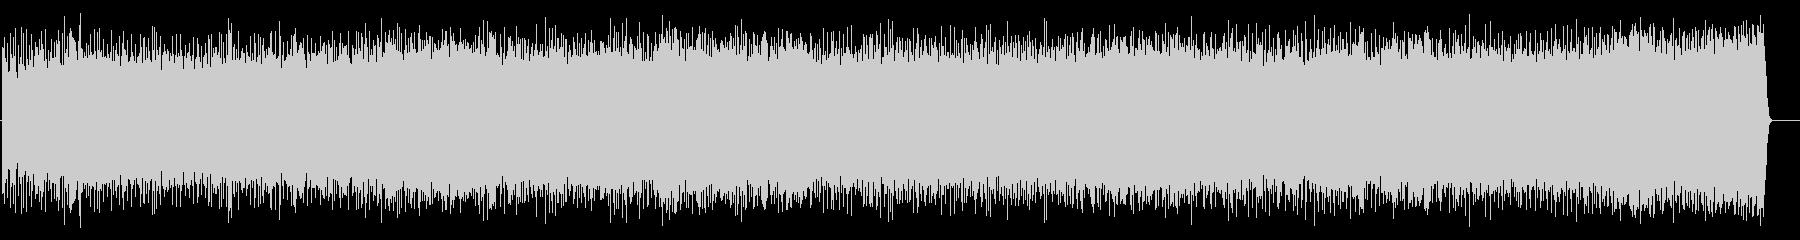 メロディーが陽気なアメリカンハードロックの未再生の波形